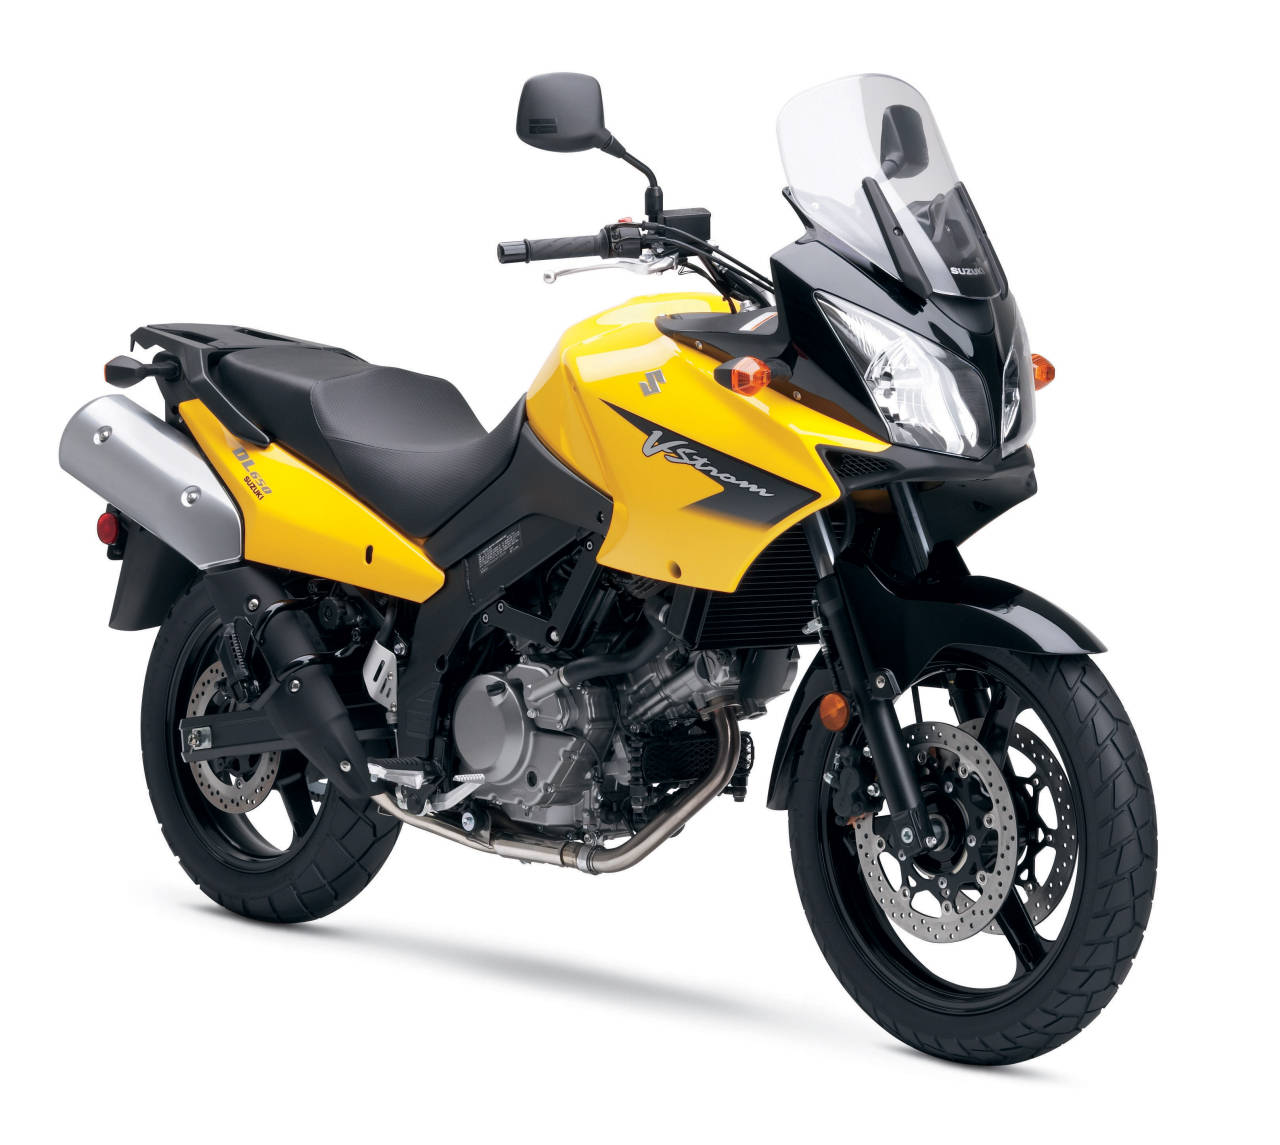 http://4.bp.blogspot.com/-hIOYoe5Hu0I/TgEKn3SNf7I/AAAAAAAAACo/vMFwb0cw5pc/s1600/Suzuki_V-Strom_650.jpg